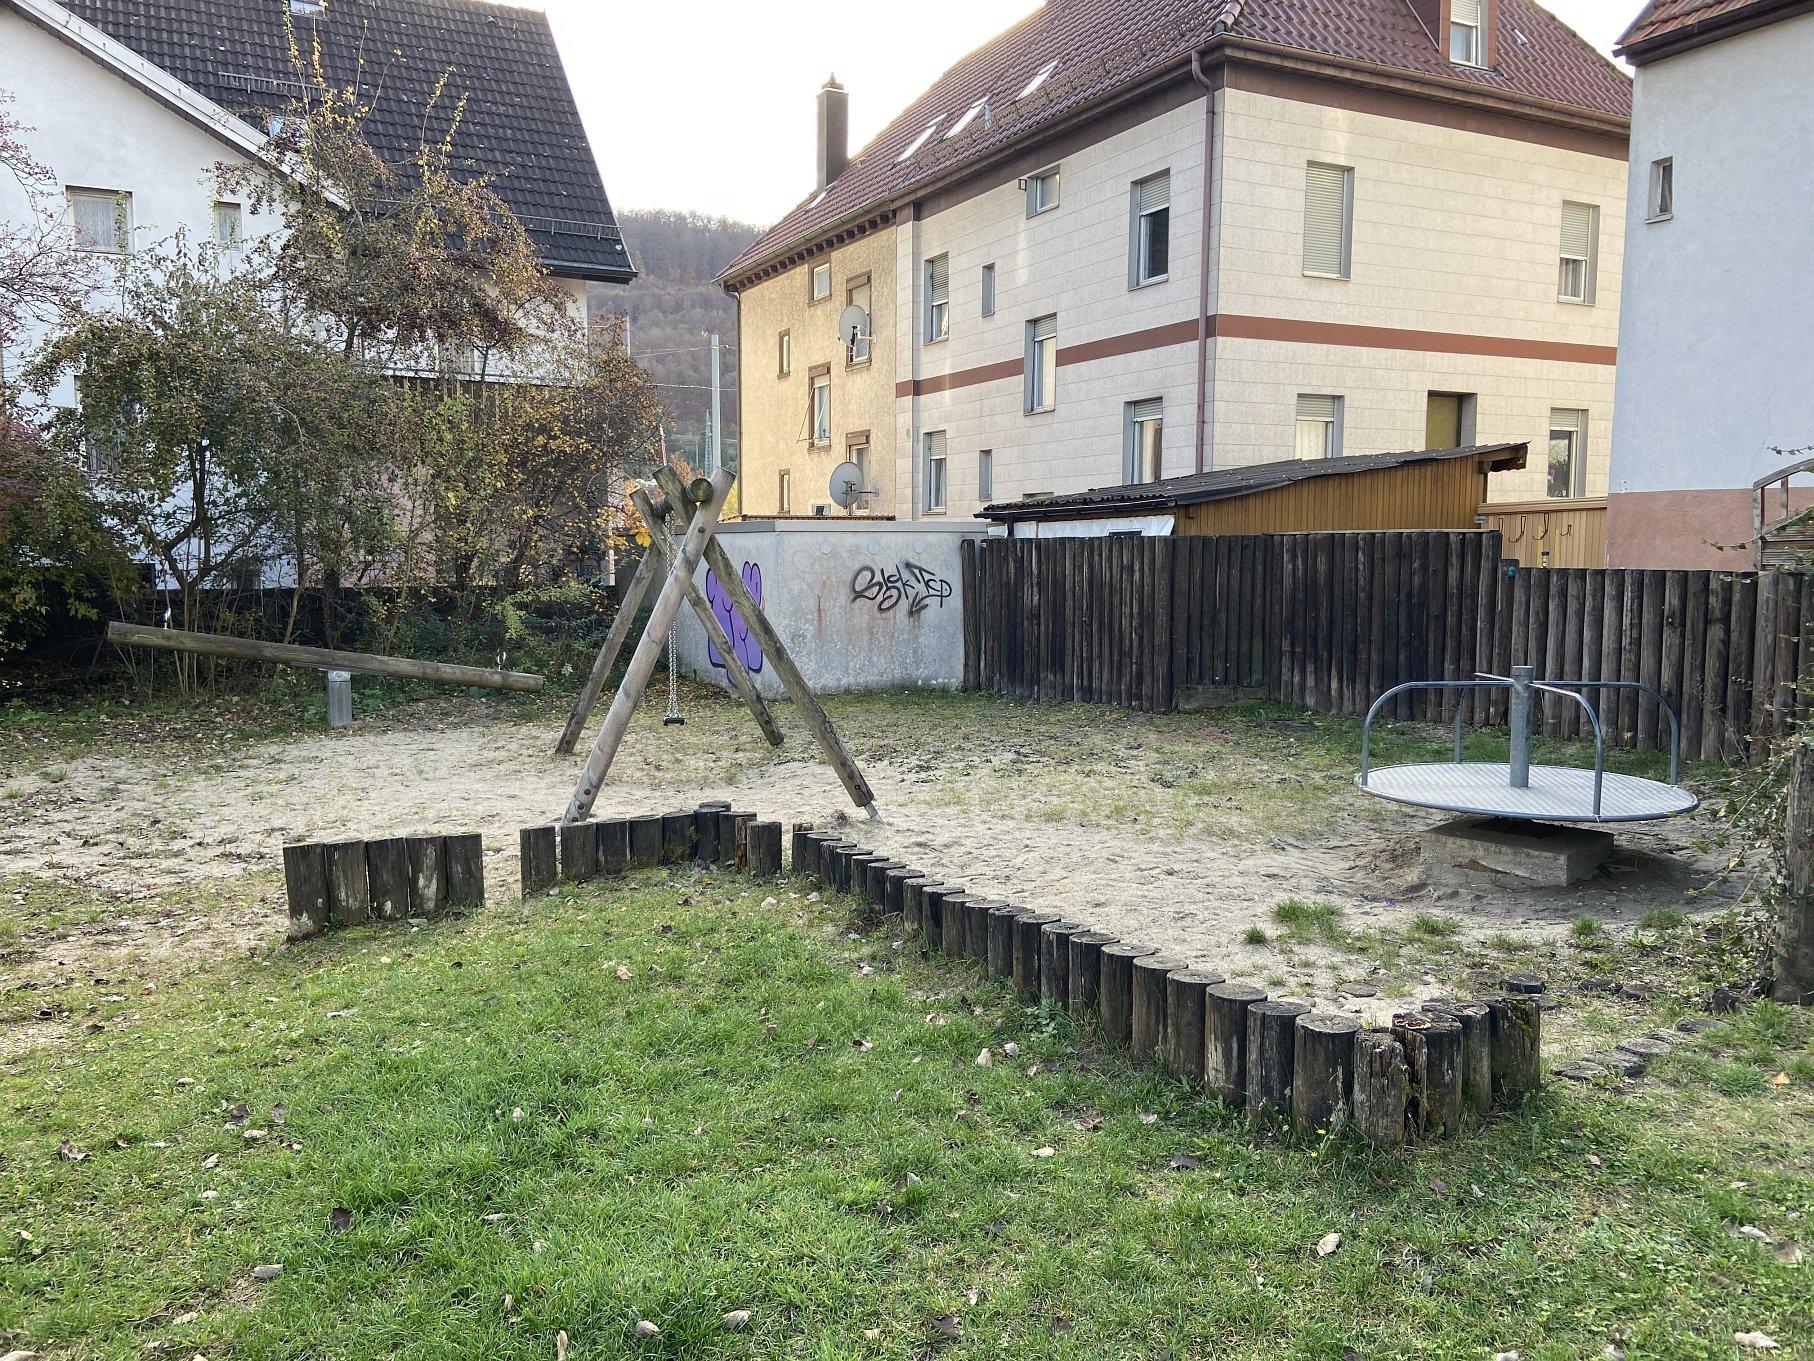 Spielplatz Hardtstraße-Viel Platz zum toben für die Kinder!